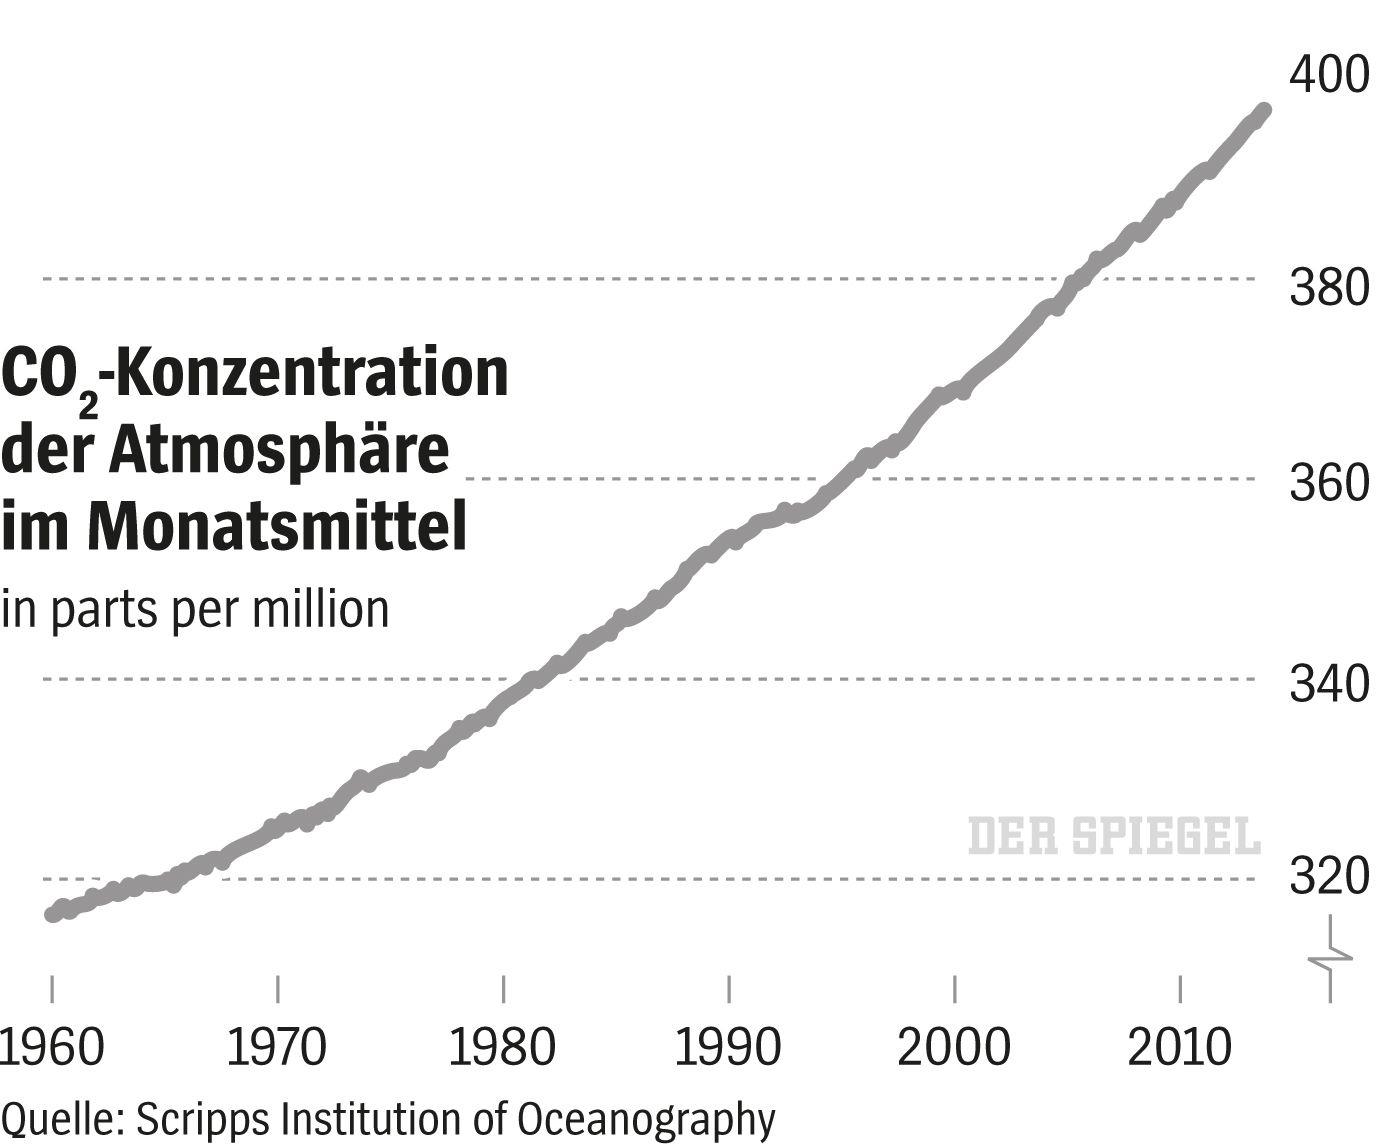 SPIEGEL 9/2015 Grafik Klimawandel / CO2-Konzentration